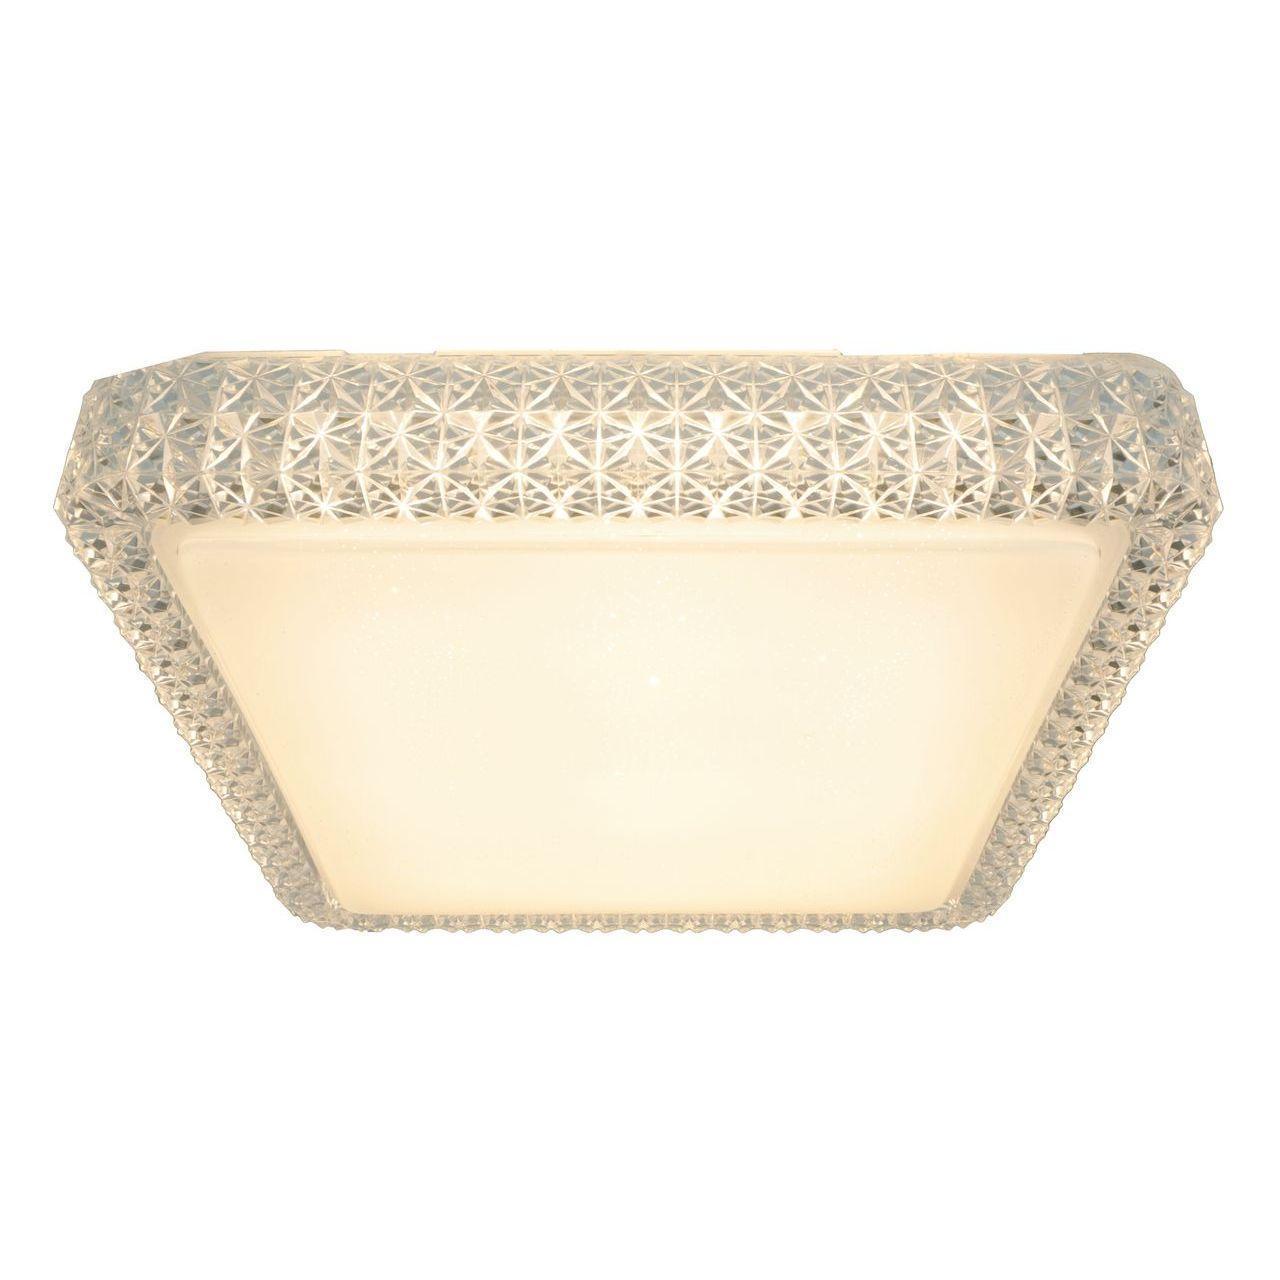 Потолочный светодиодный светильник Arte Lamp Celeste A1570PL-1CL arte lamp a8560sp 1cl